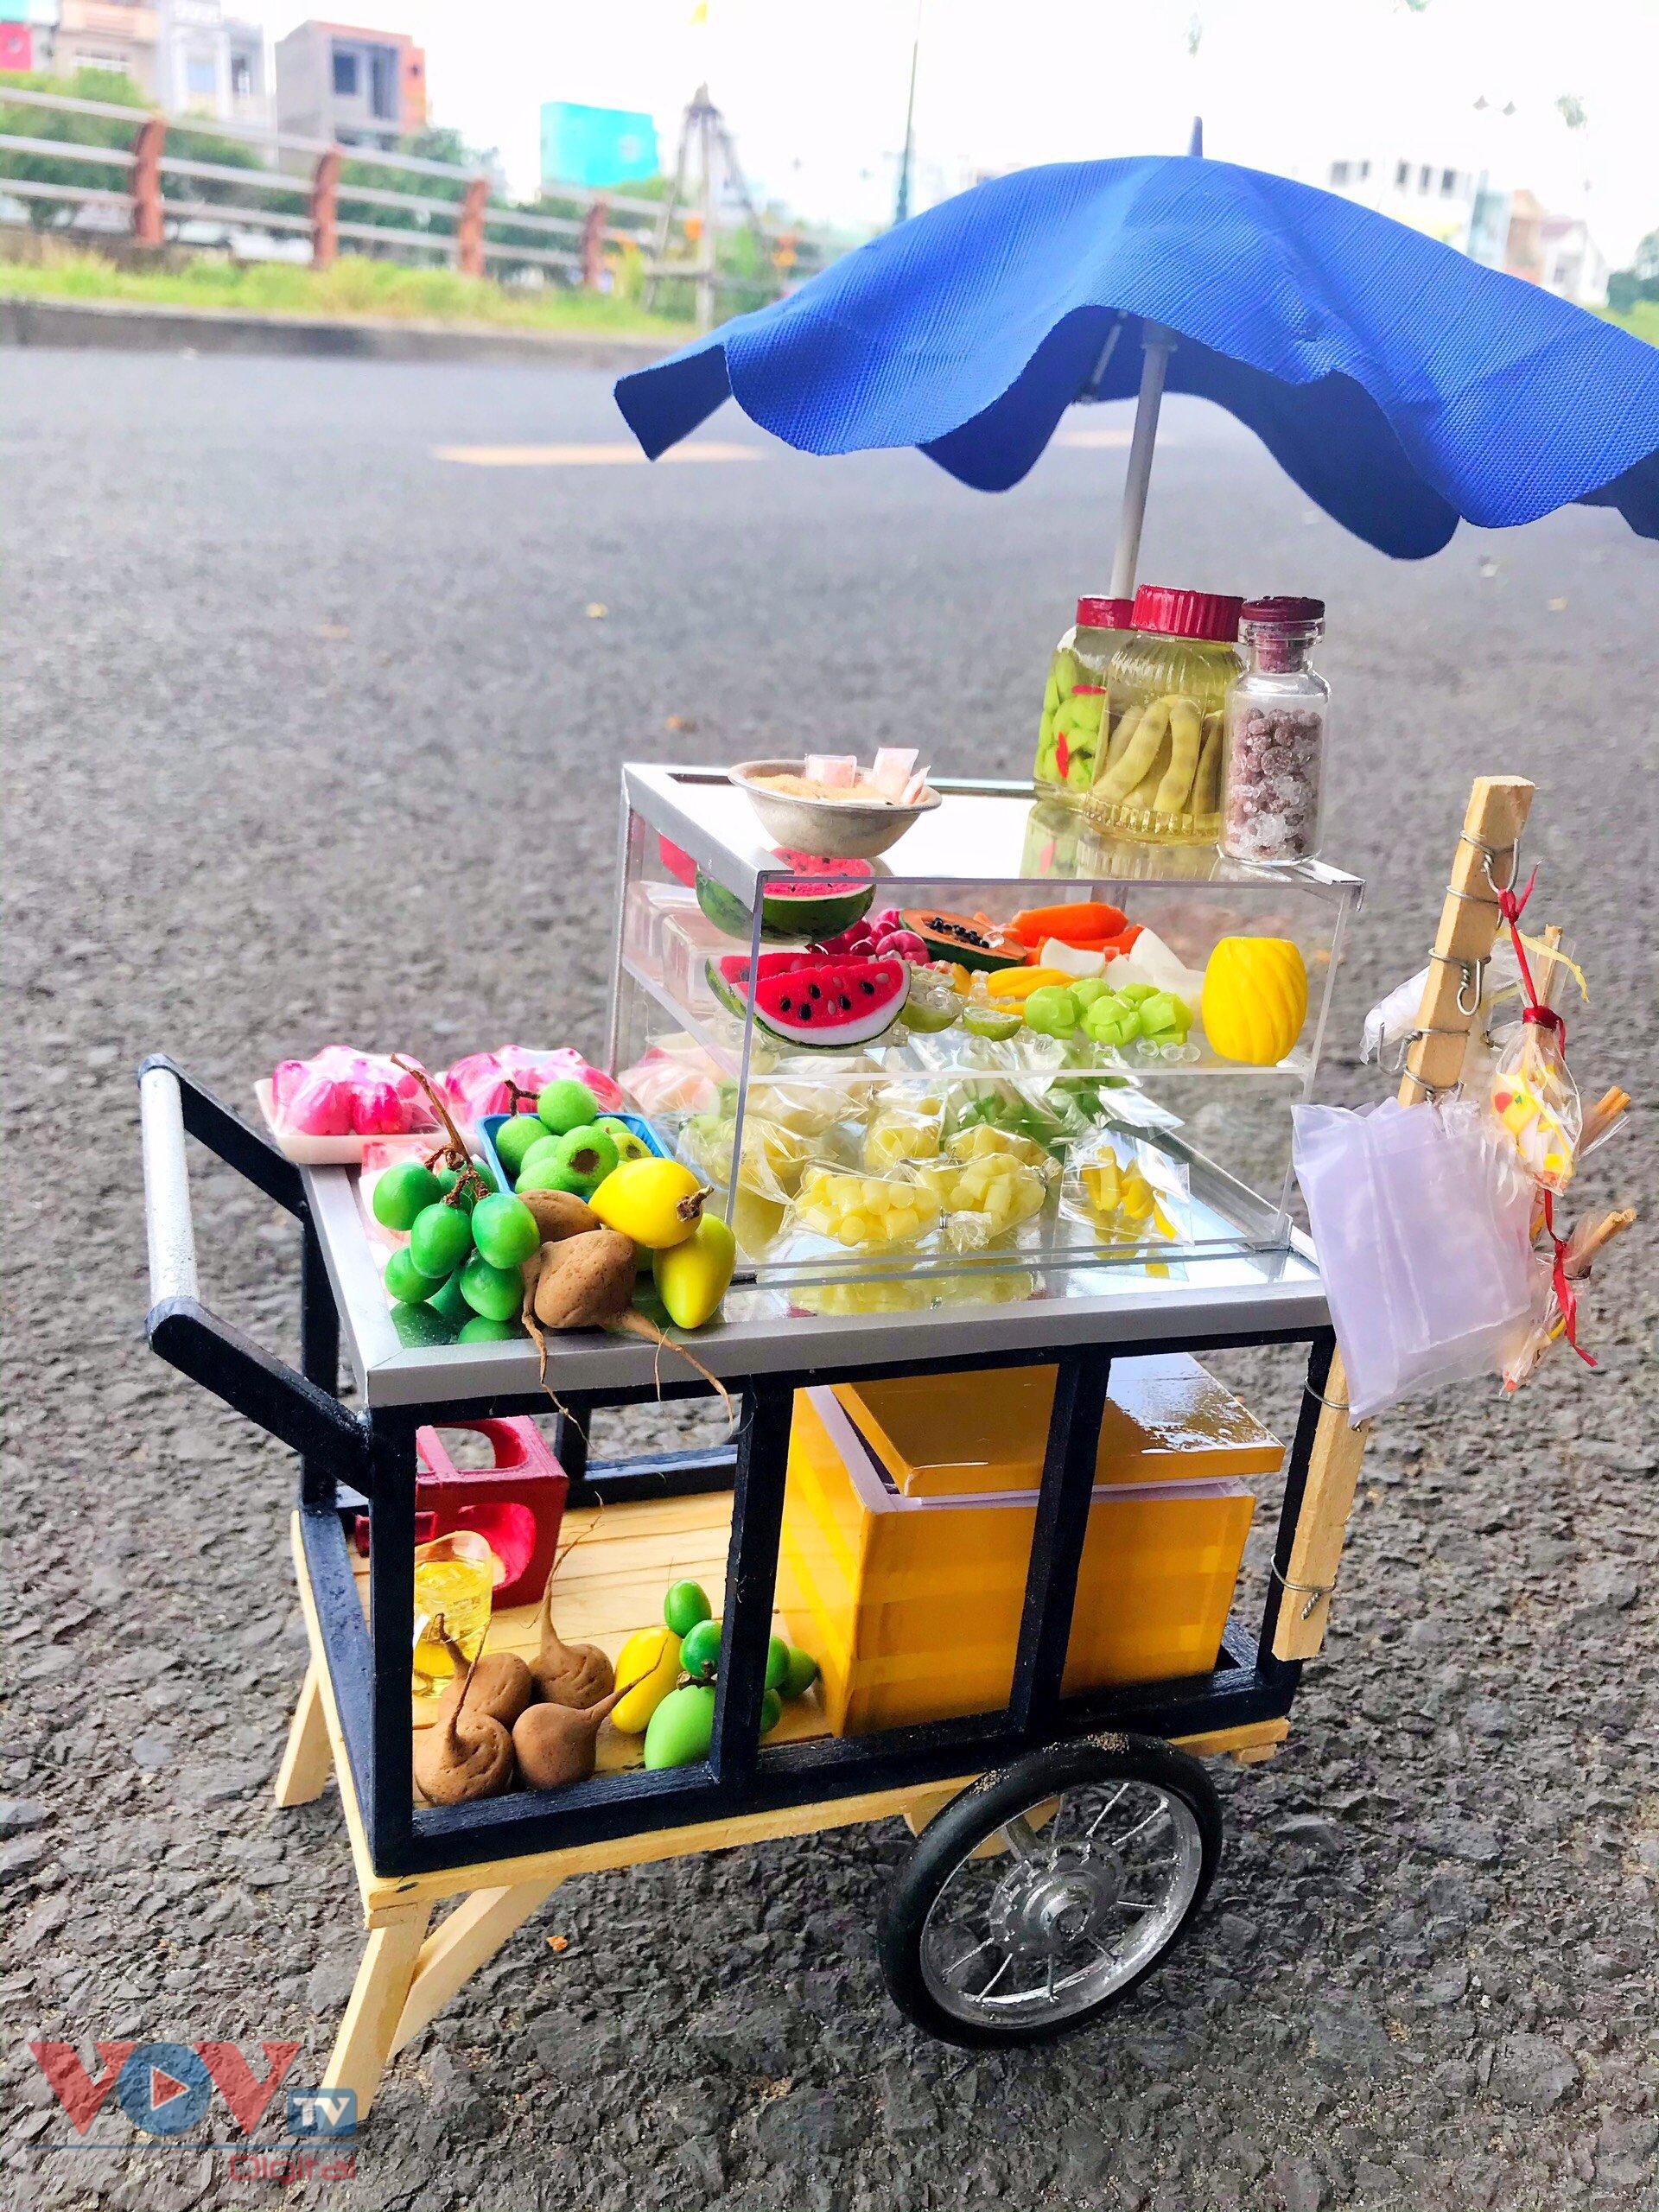 Xe bán trái cây giải nhiệt quen thuộc trên những đường phố